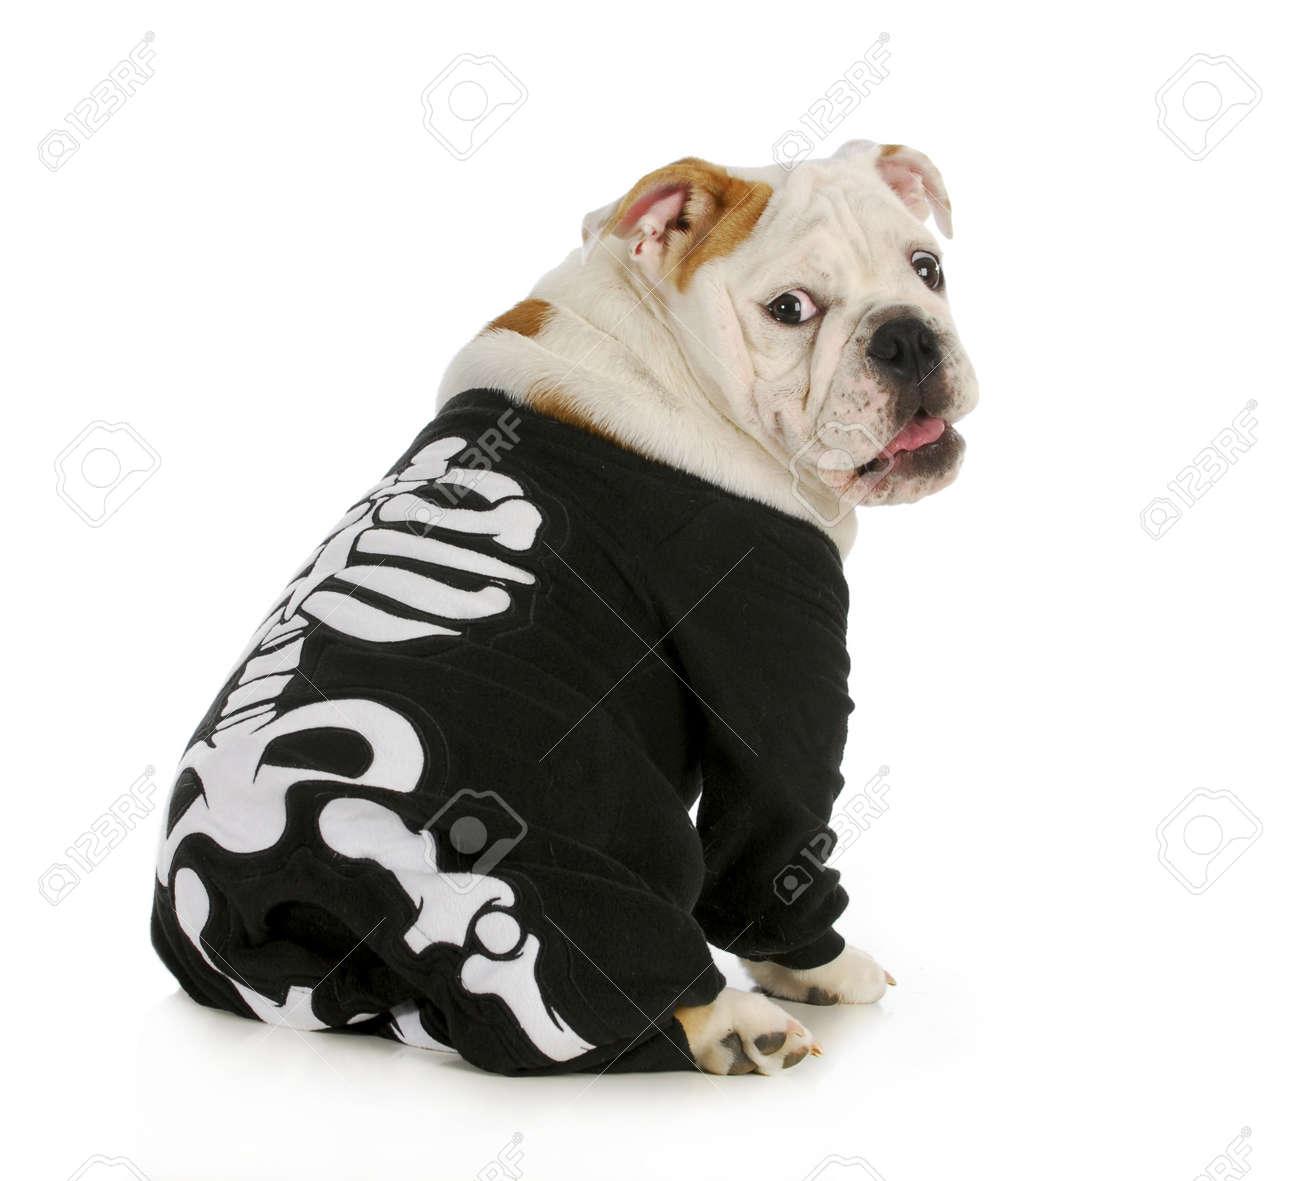 Perro Esqueleto - Inglés Bulldog Llevar Traje De Esqueleto Con ...